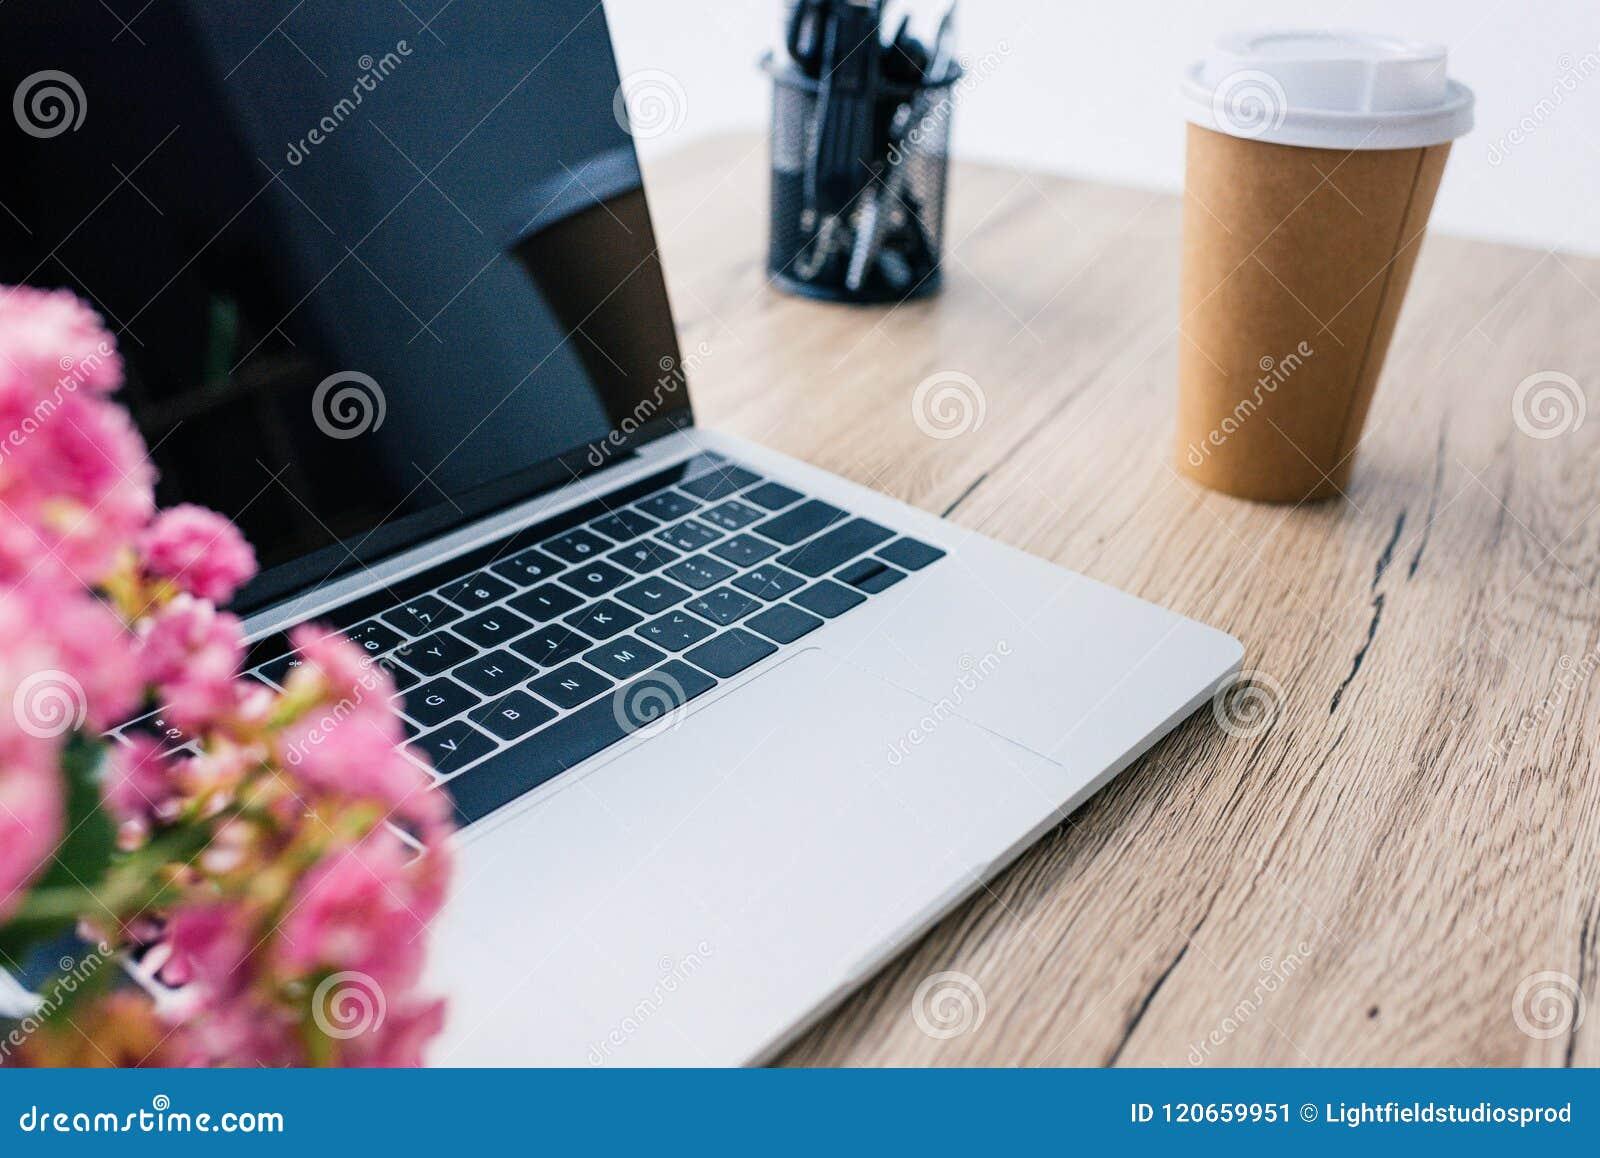 Zbliżenie widok laptop z pustym ekranem, kwiatami, papierową filiżanką kawy i materiały,